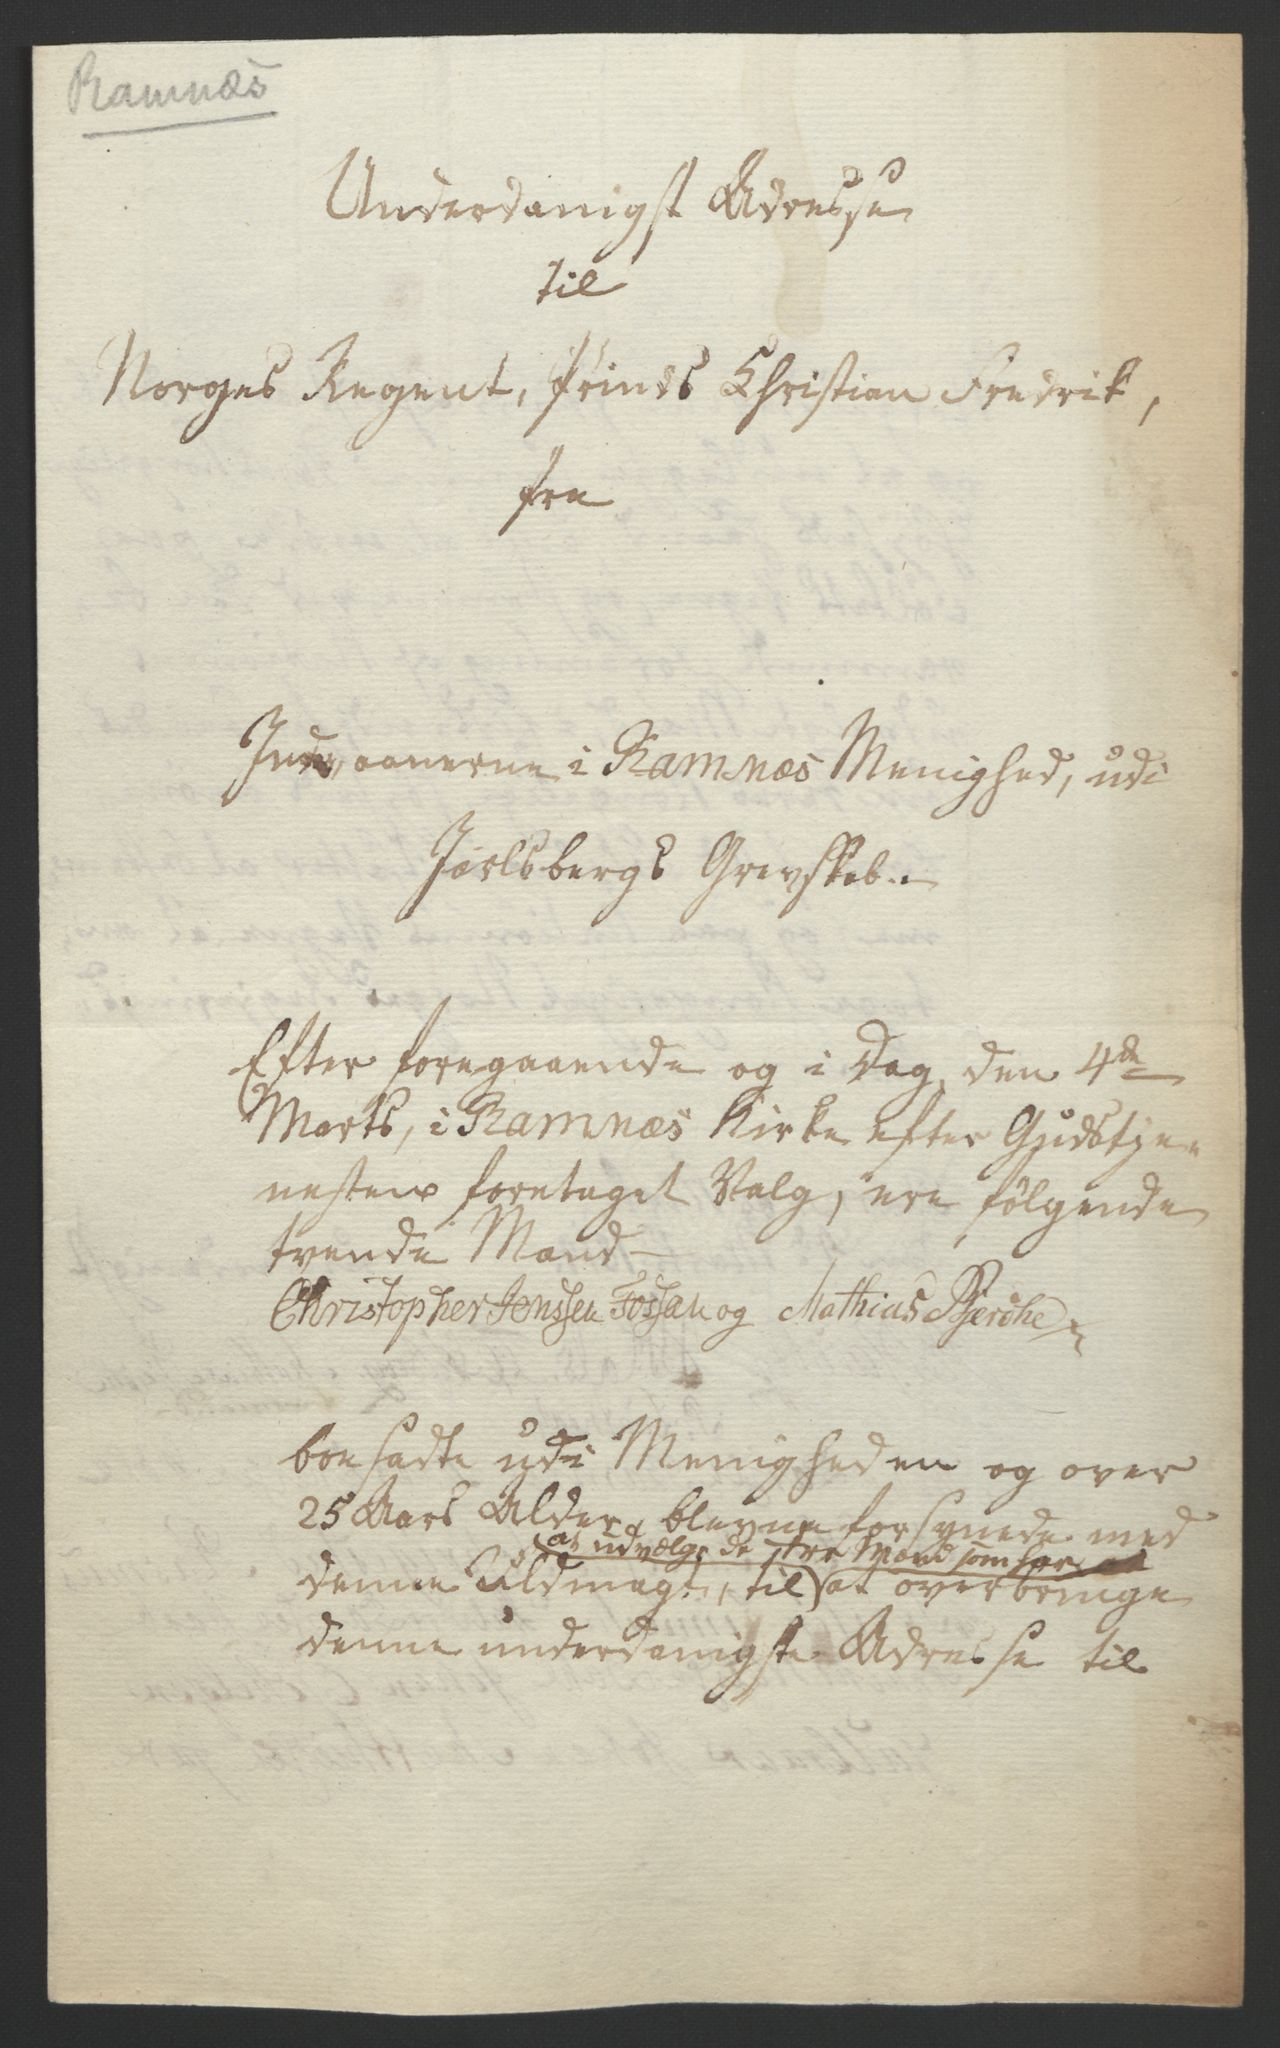 RA, Statsrådssekretariatet, D/Db/L0008: Fullmakter for Eidsvollsrepresentantene i 1814. , 1814, s. 17